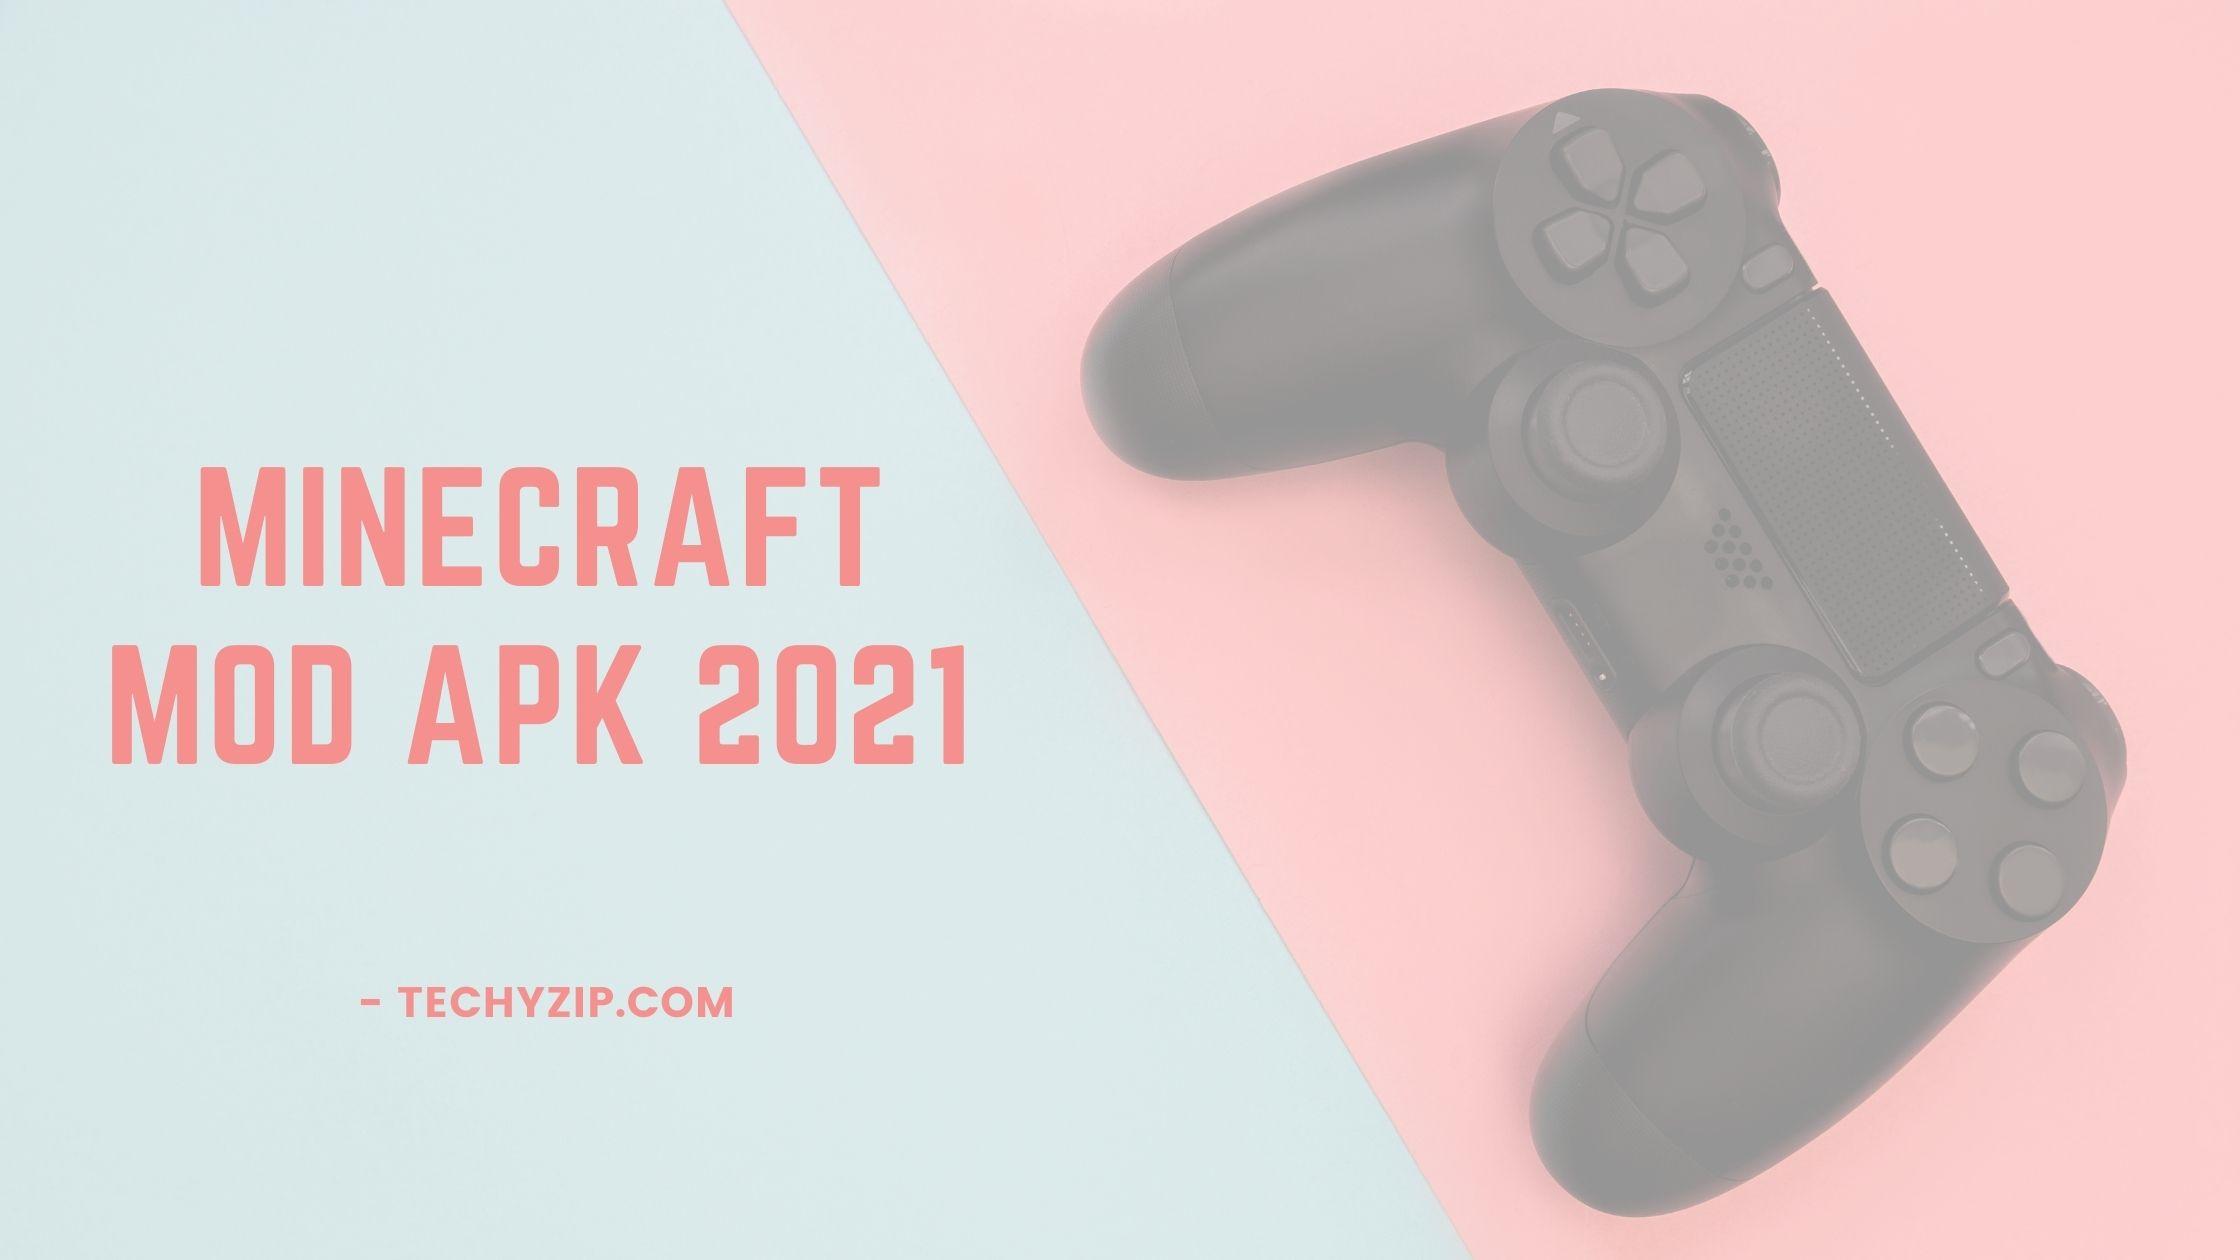 minecraft mod apk 2021